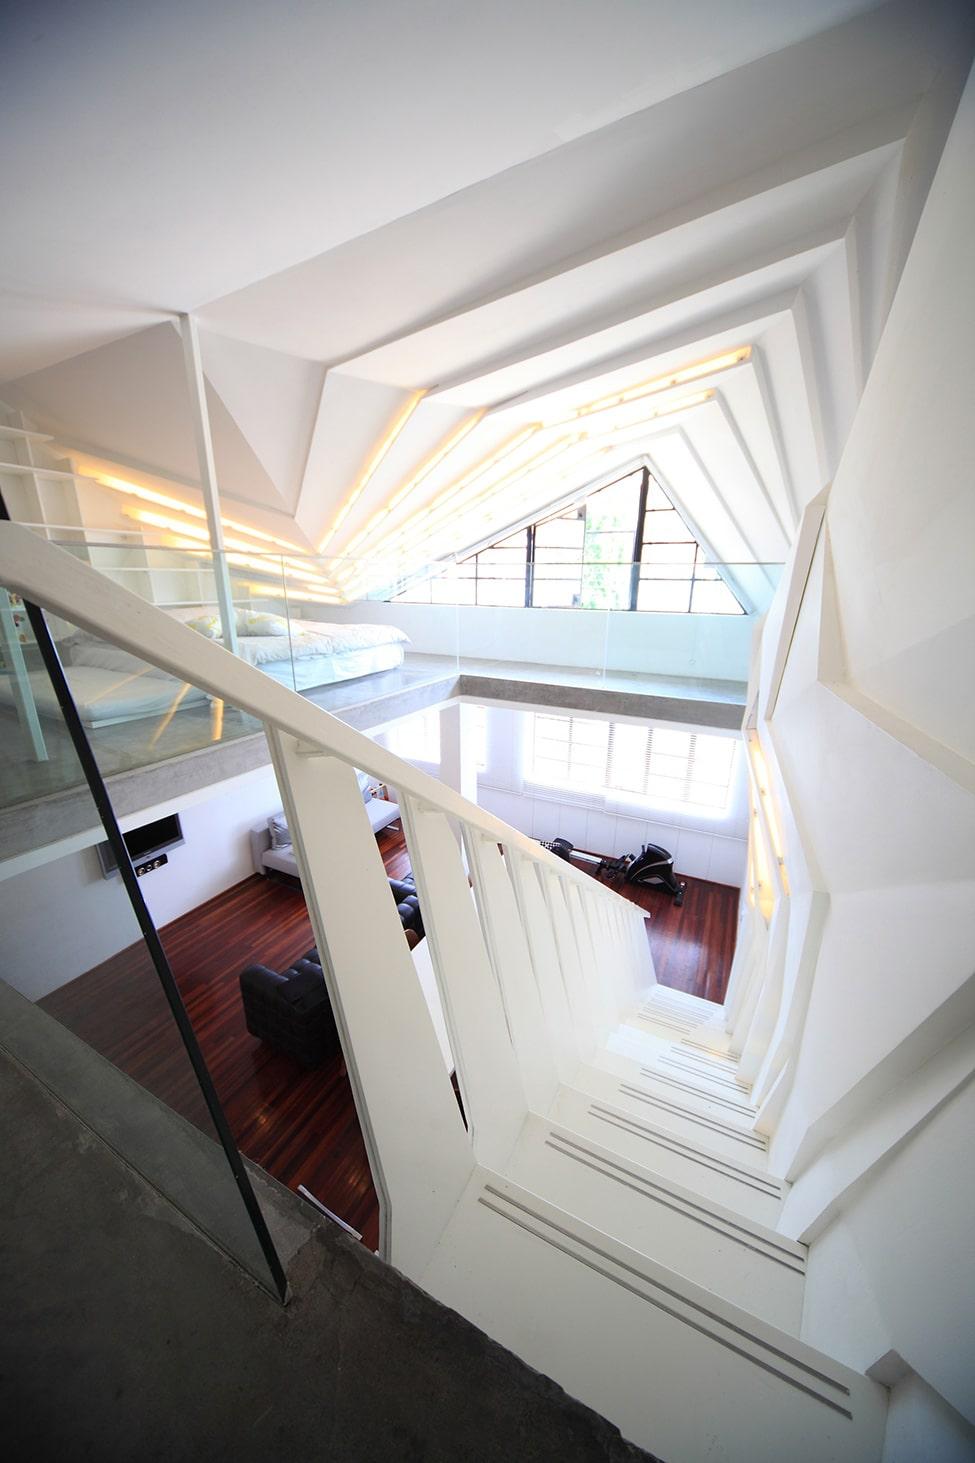 Dise o de apartamento peque o tipo duplex sofisticado for Diseno de apartamentos de 45m2